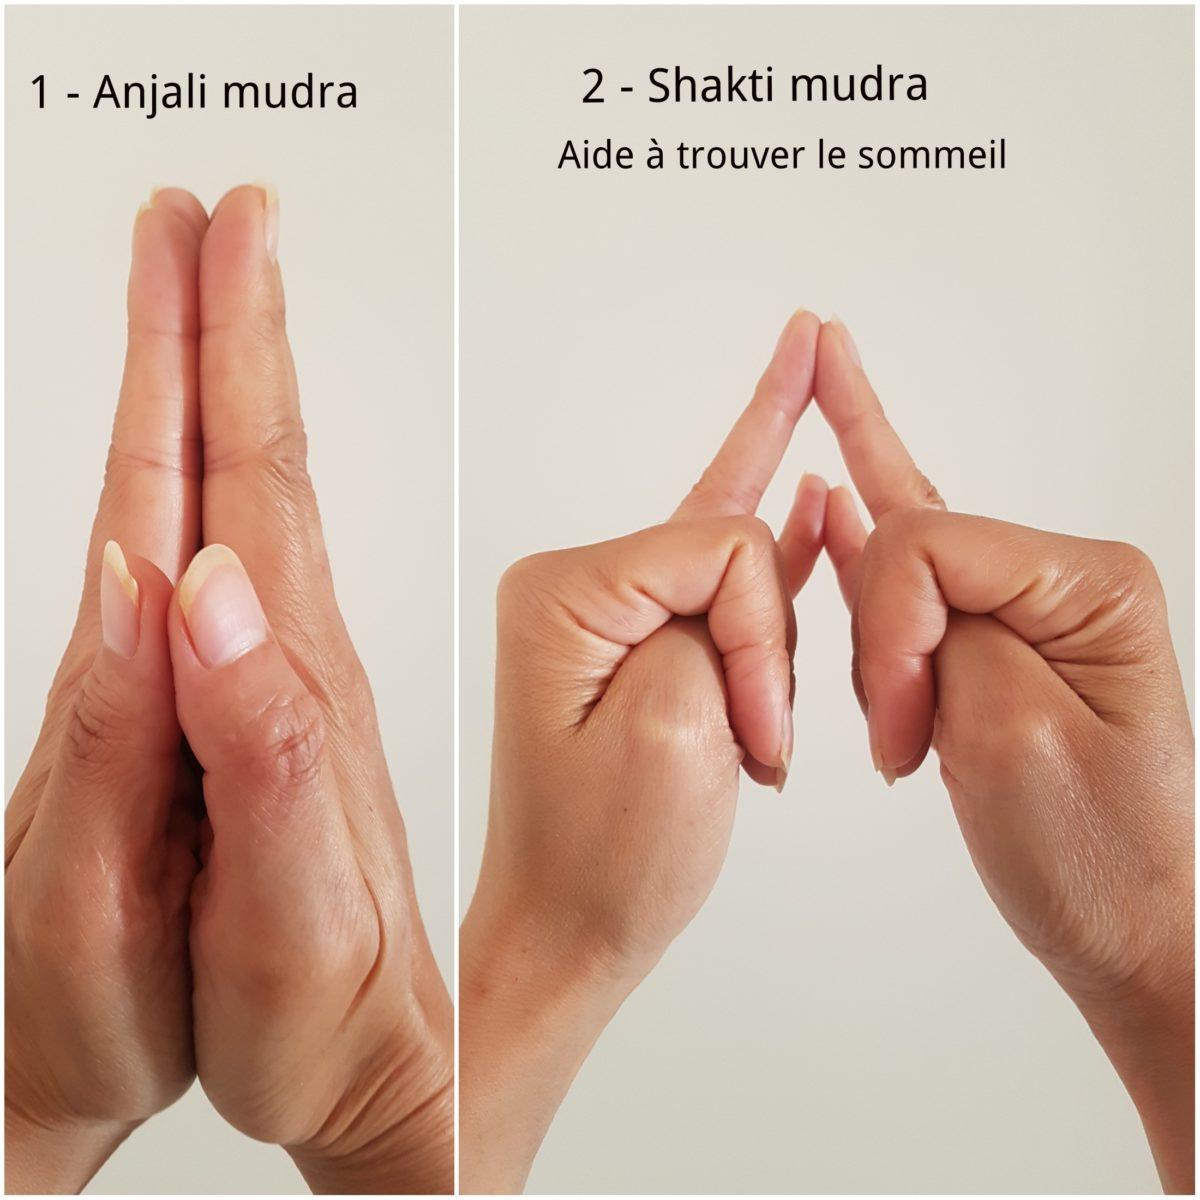 Anjali mudra à droite de la photo, et shakti mudra, la déesse de l'énergie